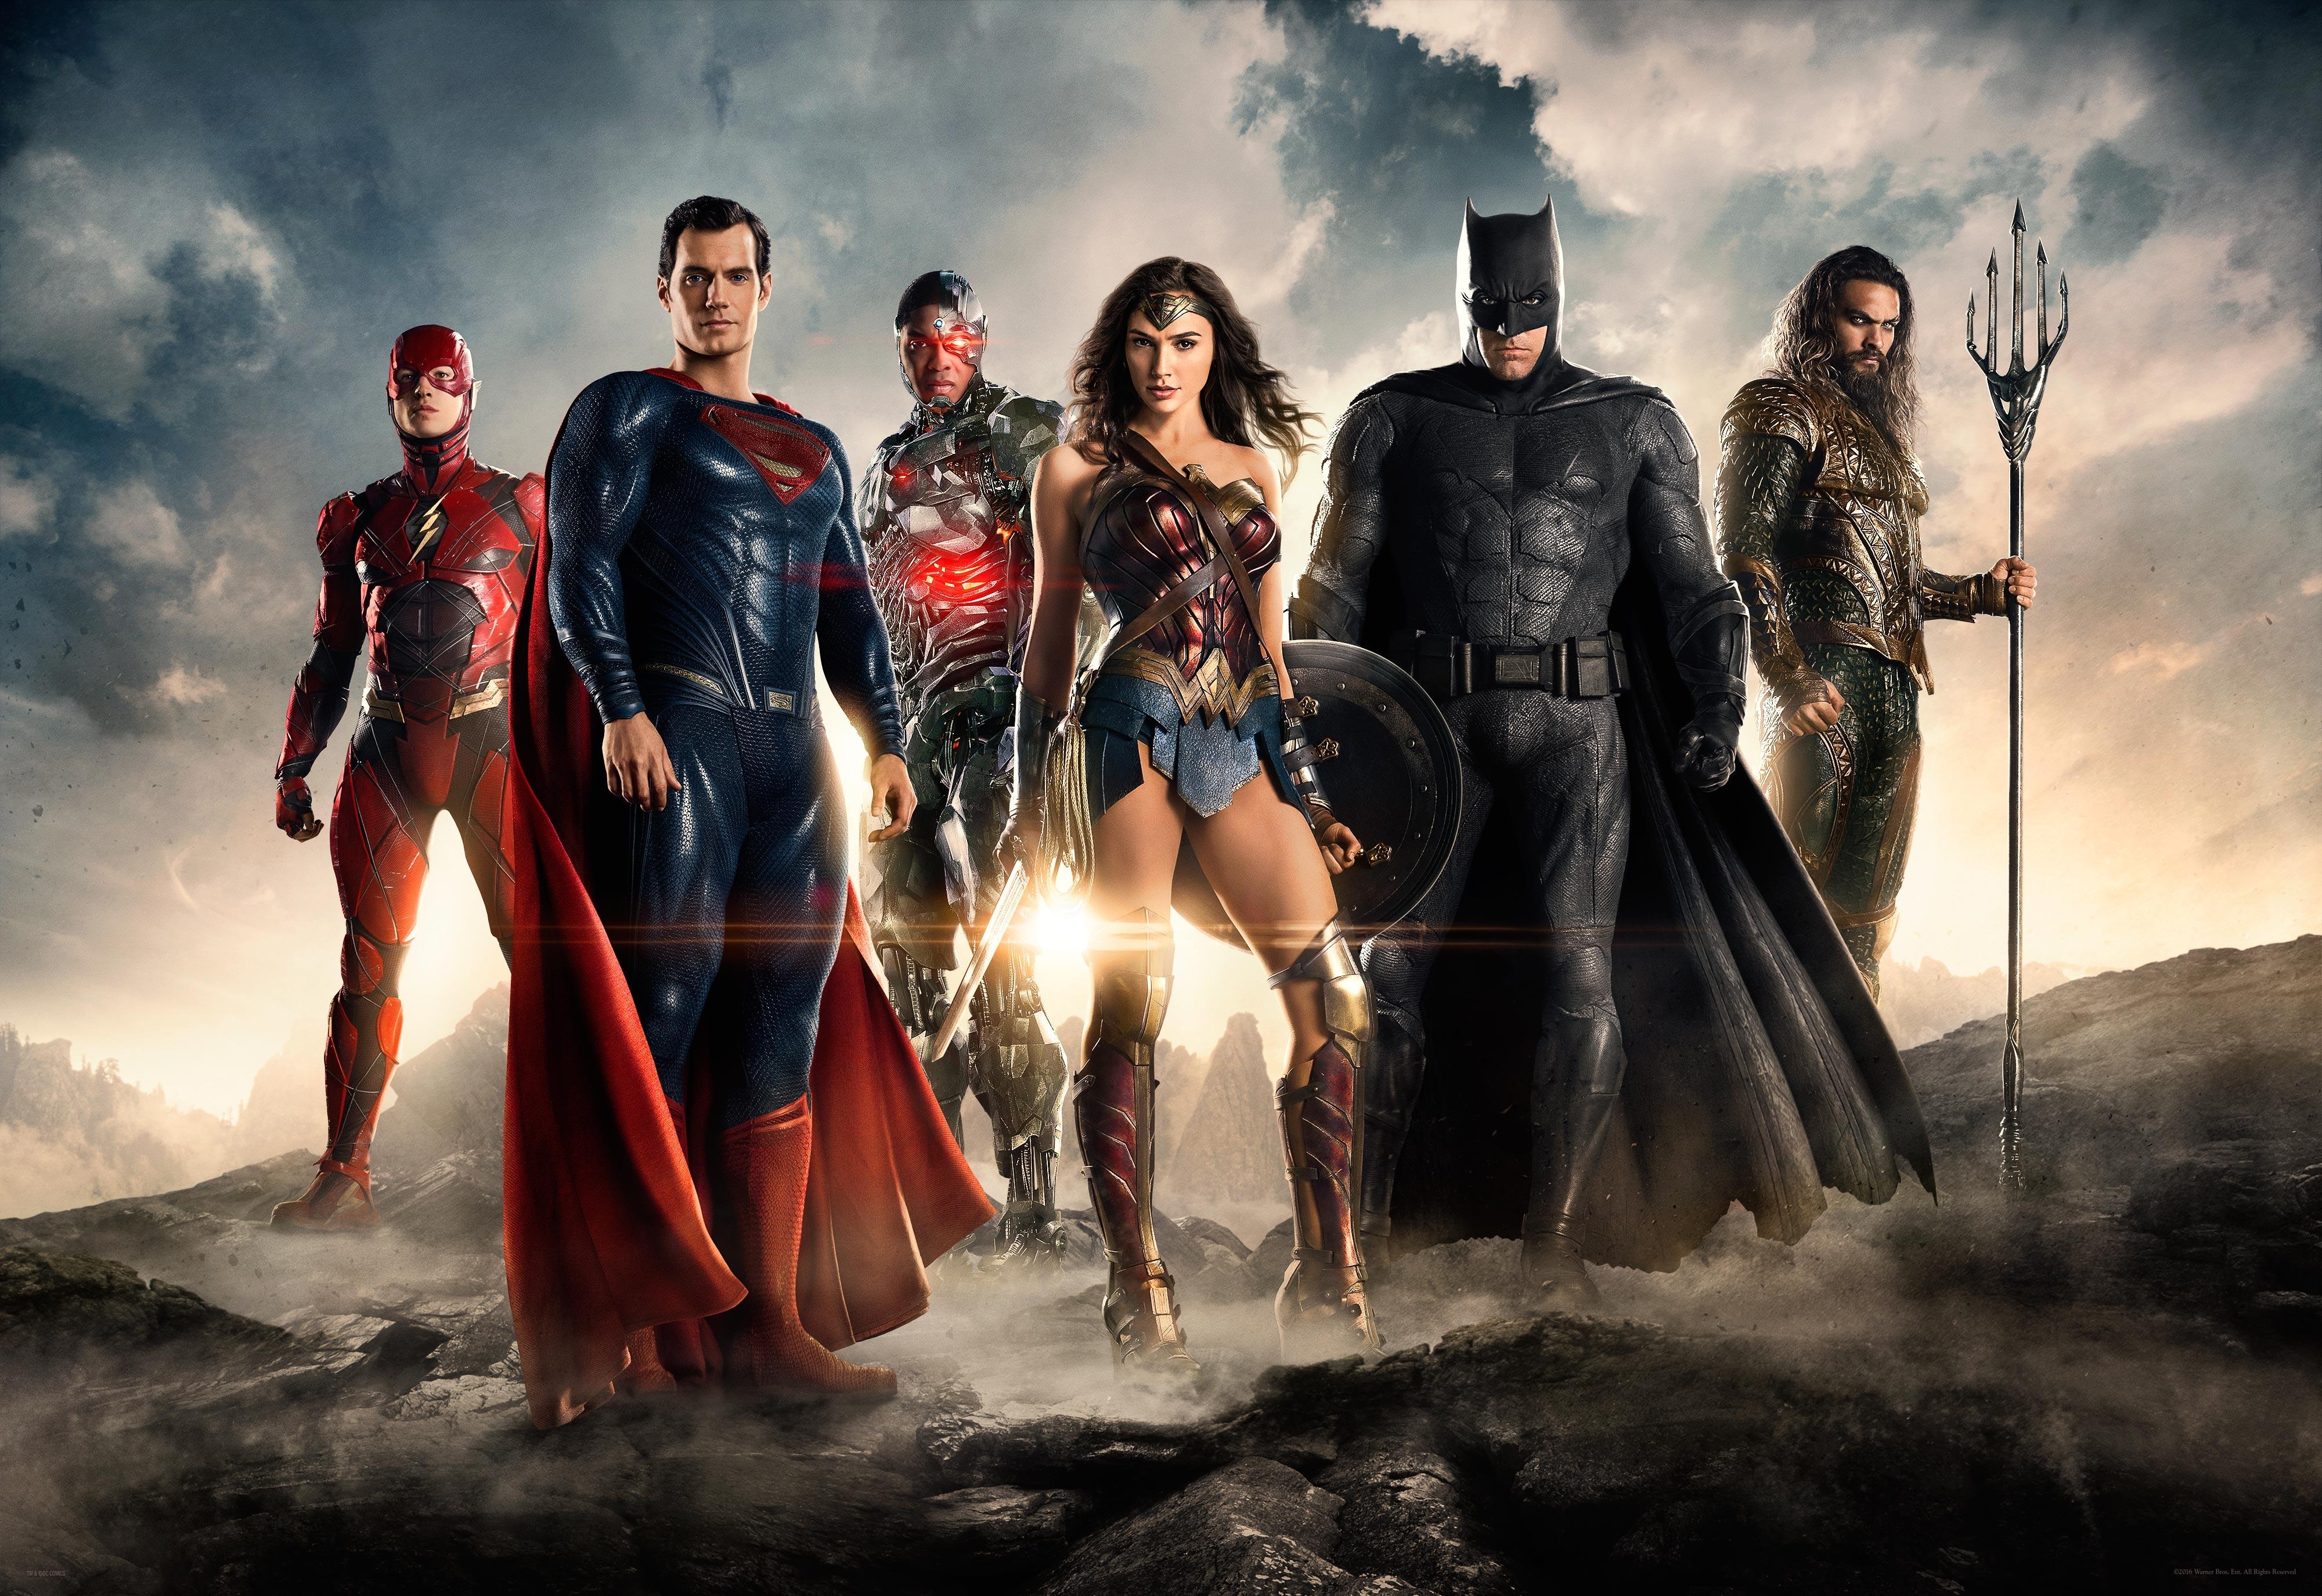 《正义联盟》彩蛋全解析 你将看到DC宇宙的未来_电影策划_电影网 ...